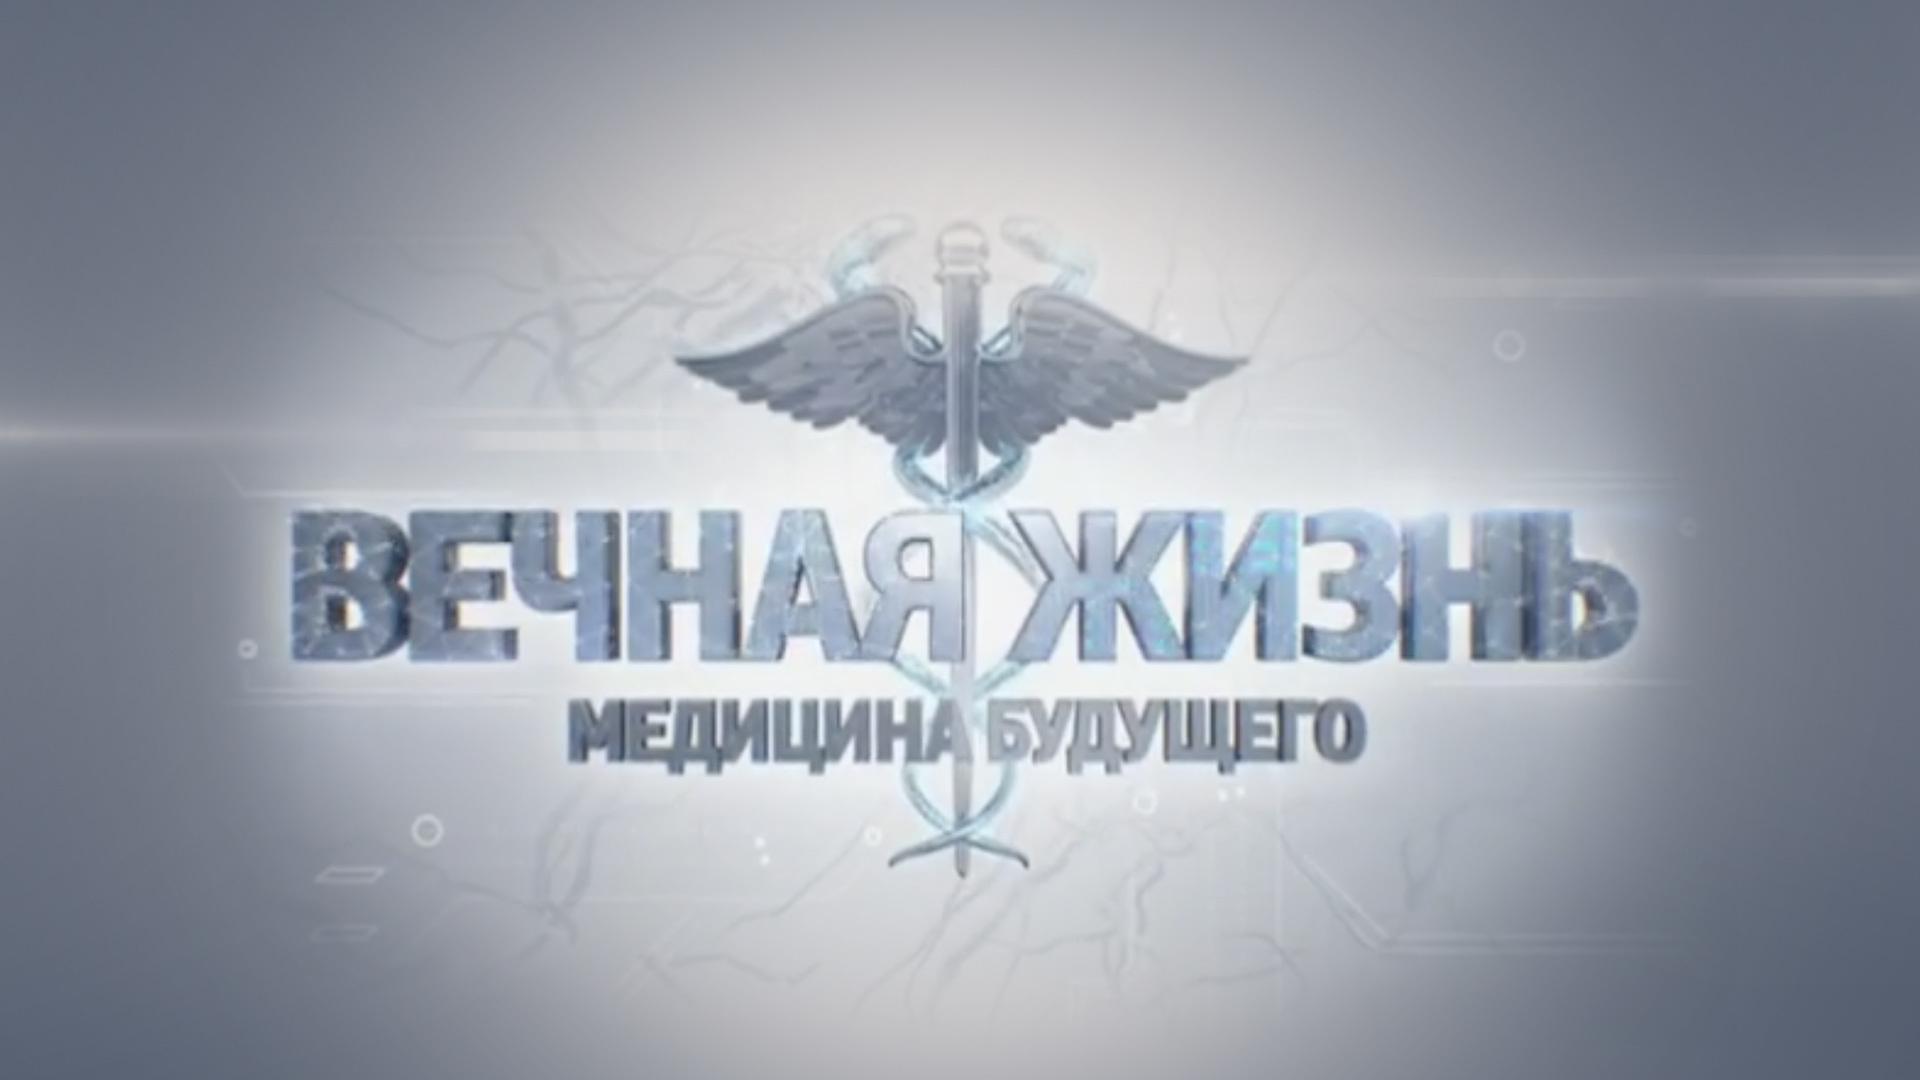 Вечная жизнь. Медицина будущего